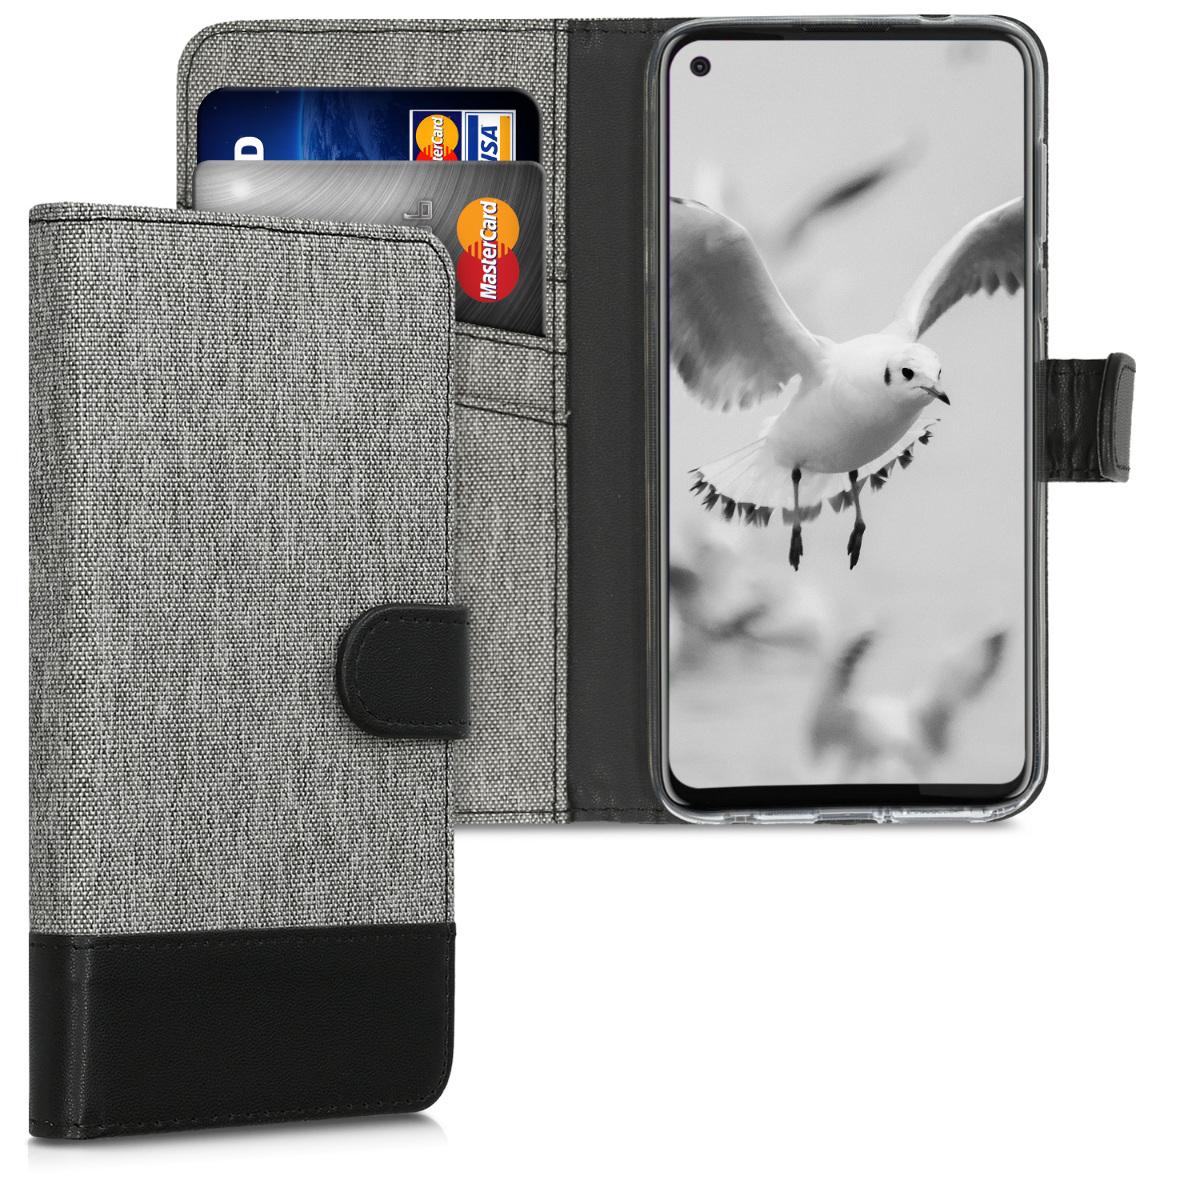 Textilní látkové pouzdro | obal pro Motorola Moto G Pro (EU) / Moto G Stylus (US) - Šedá / černá